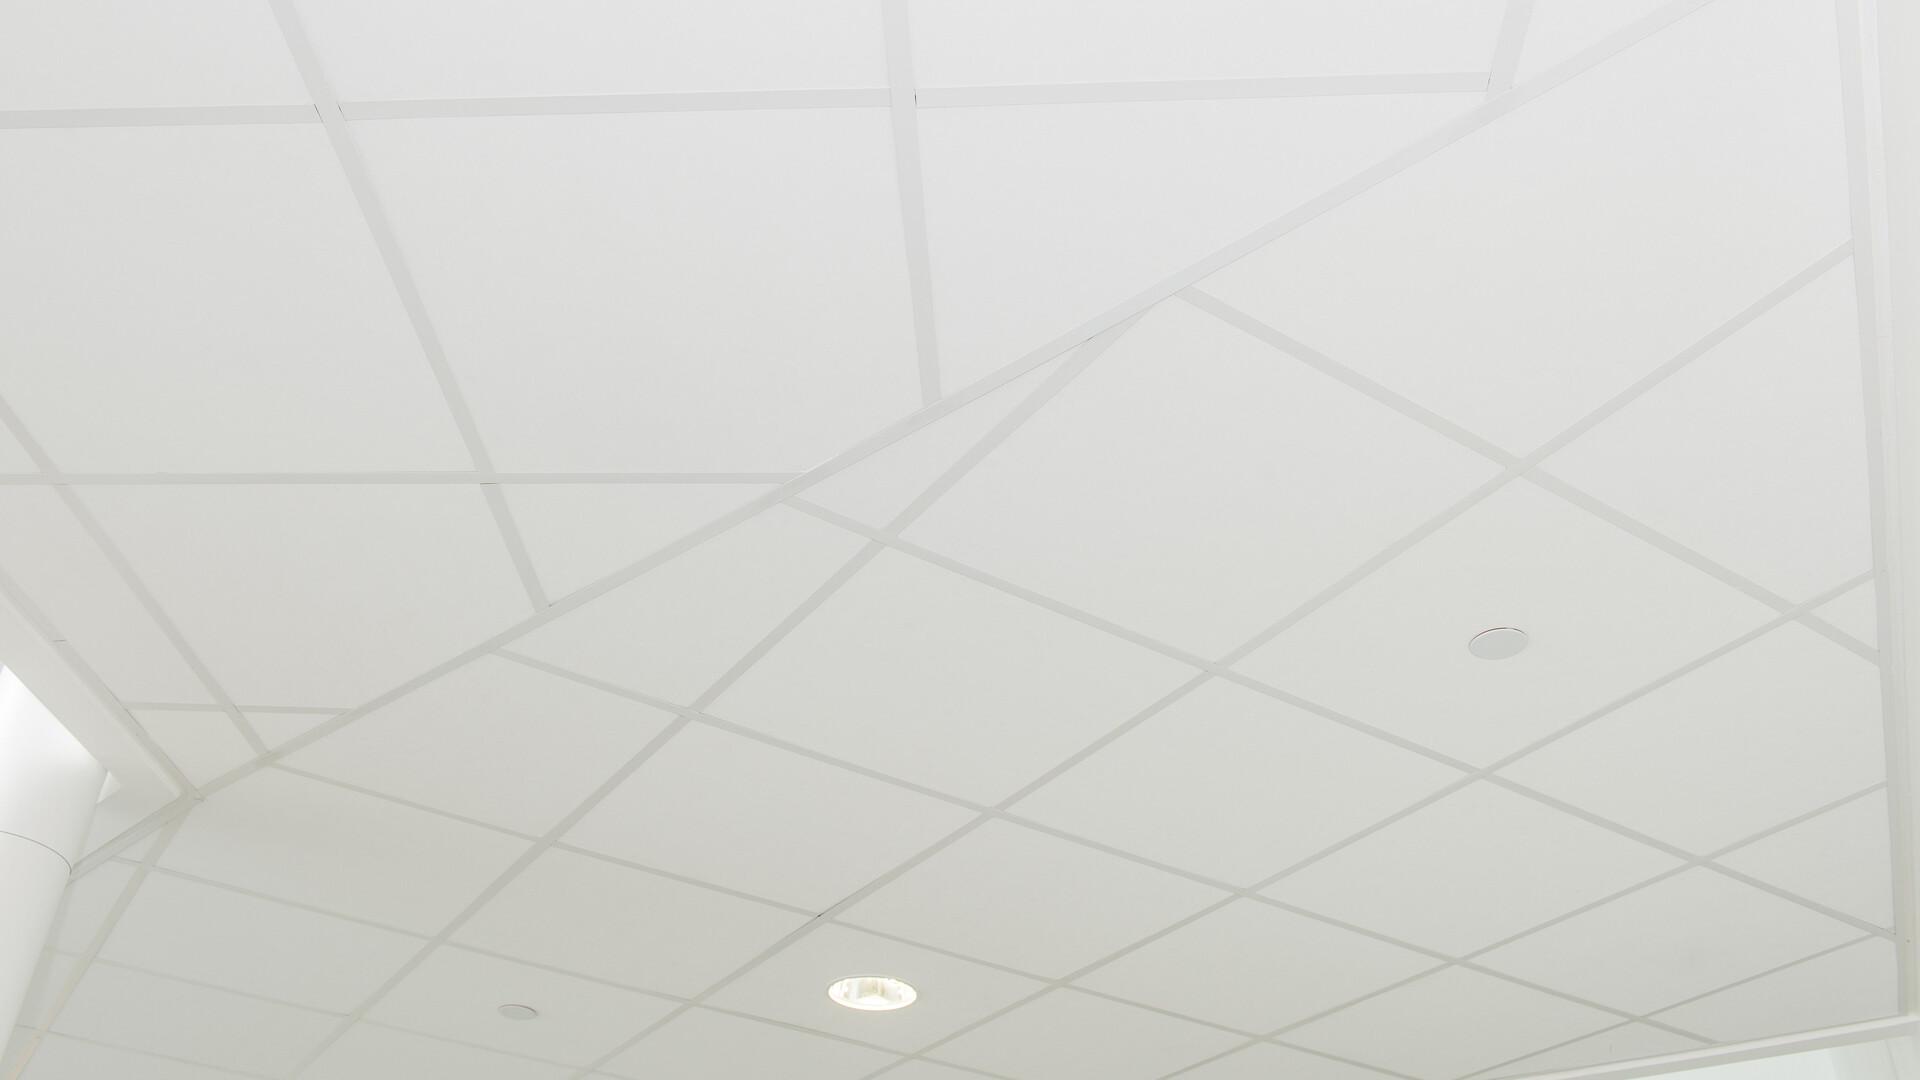 Akustikloft: Rockfon® Tropic™, 600 x 600